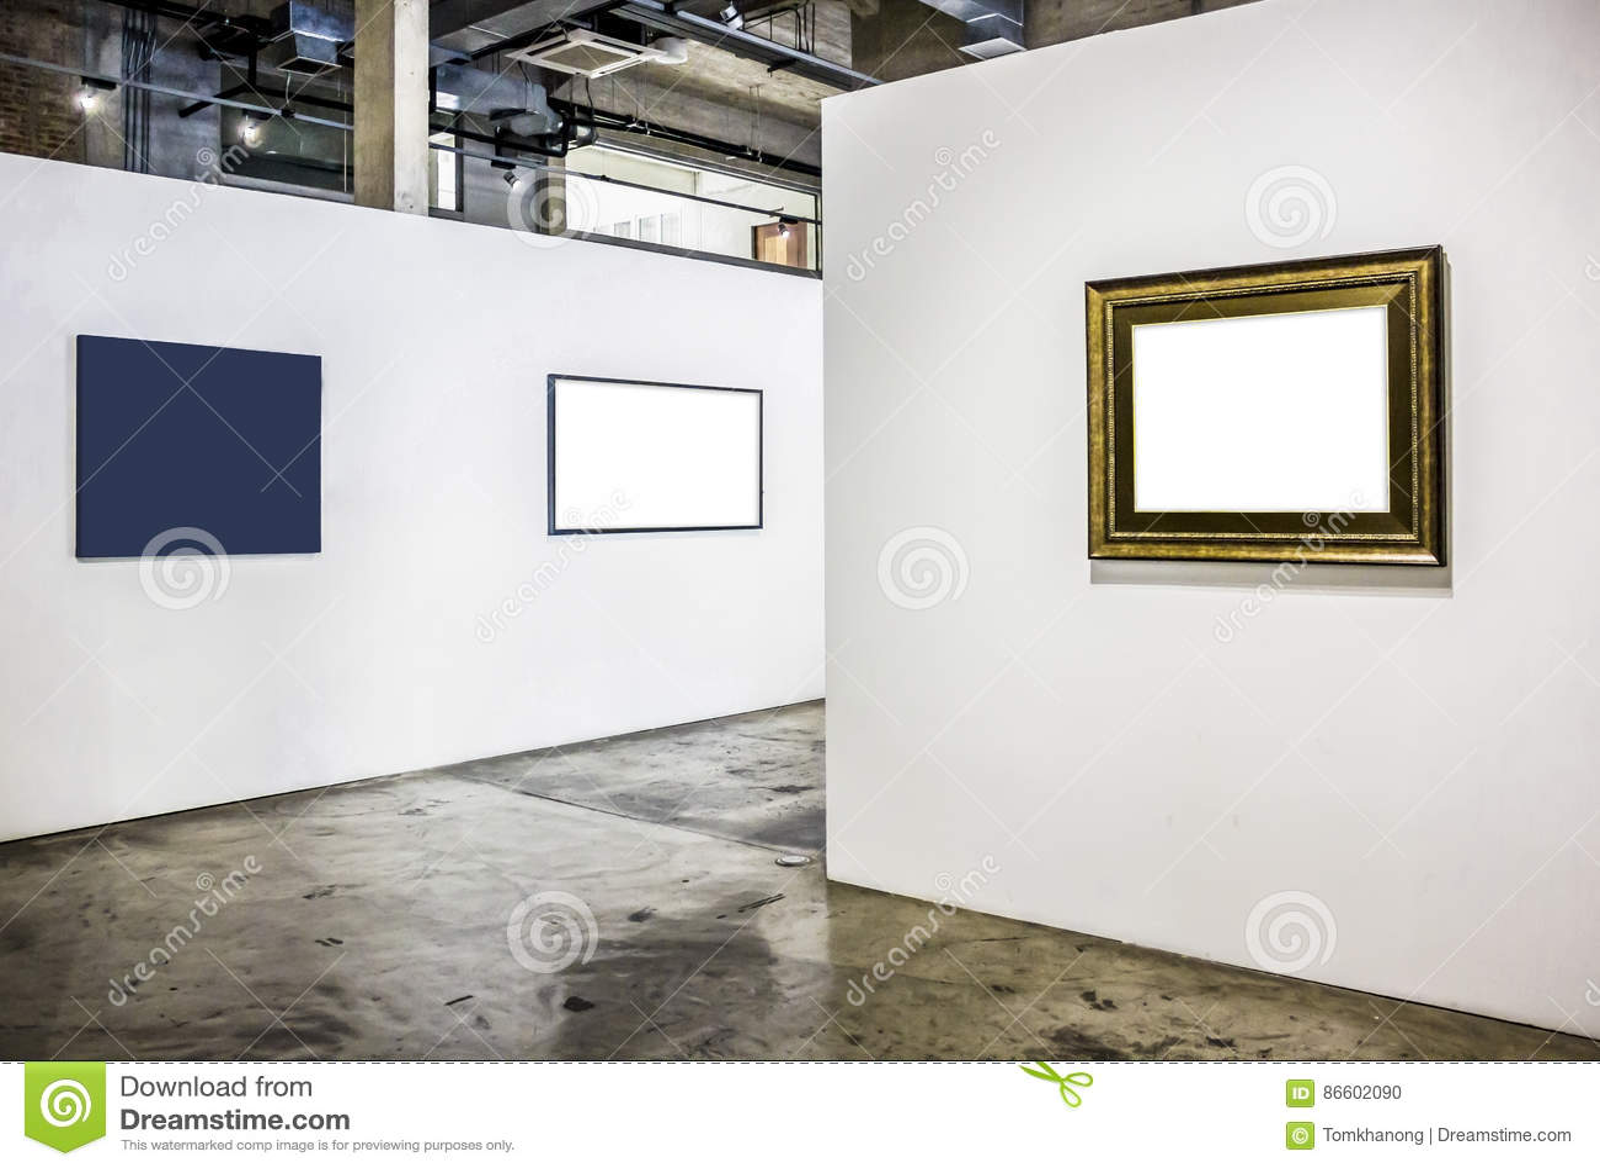 Marco De Madera En Blanco En Una Galería De Arte Blanca Del Fondo ...